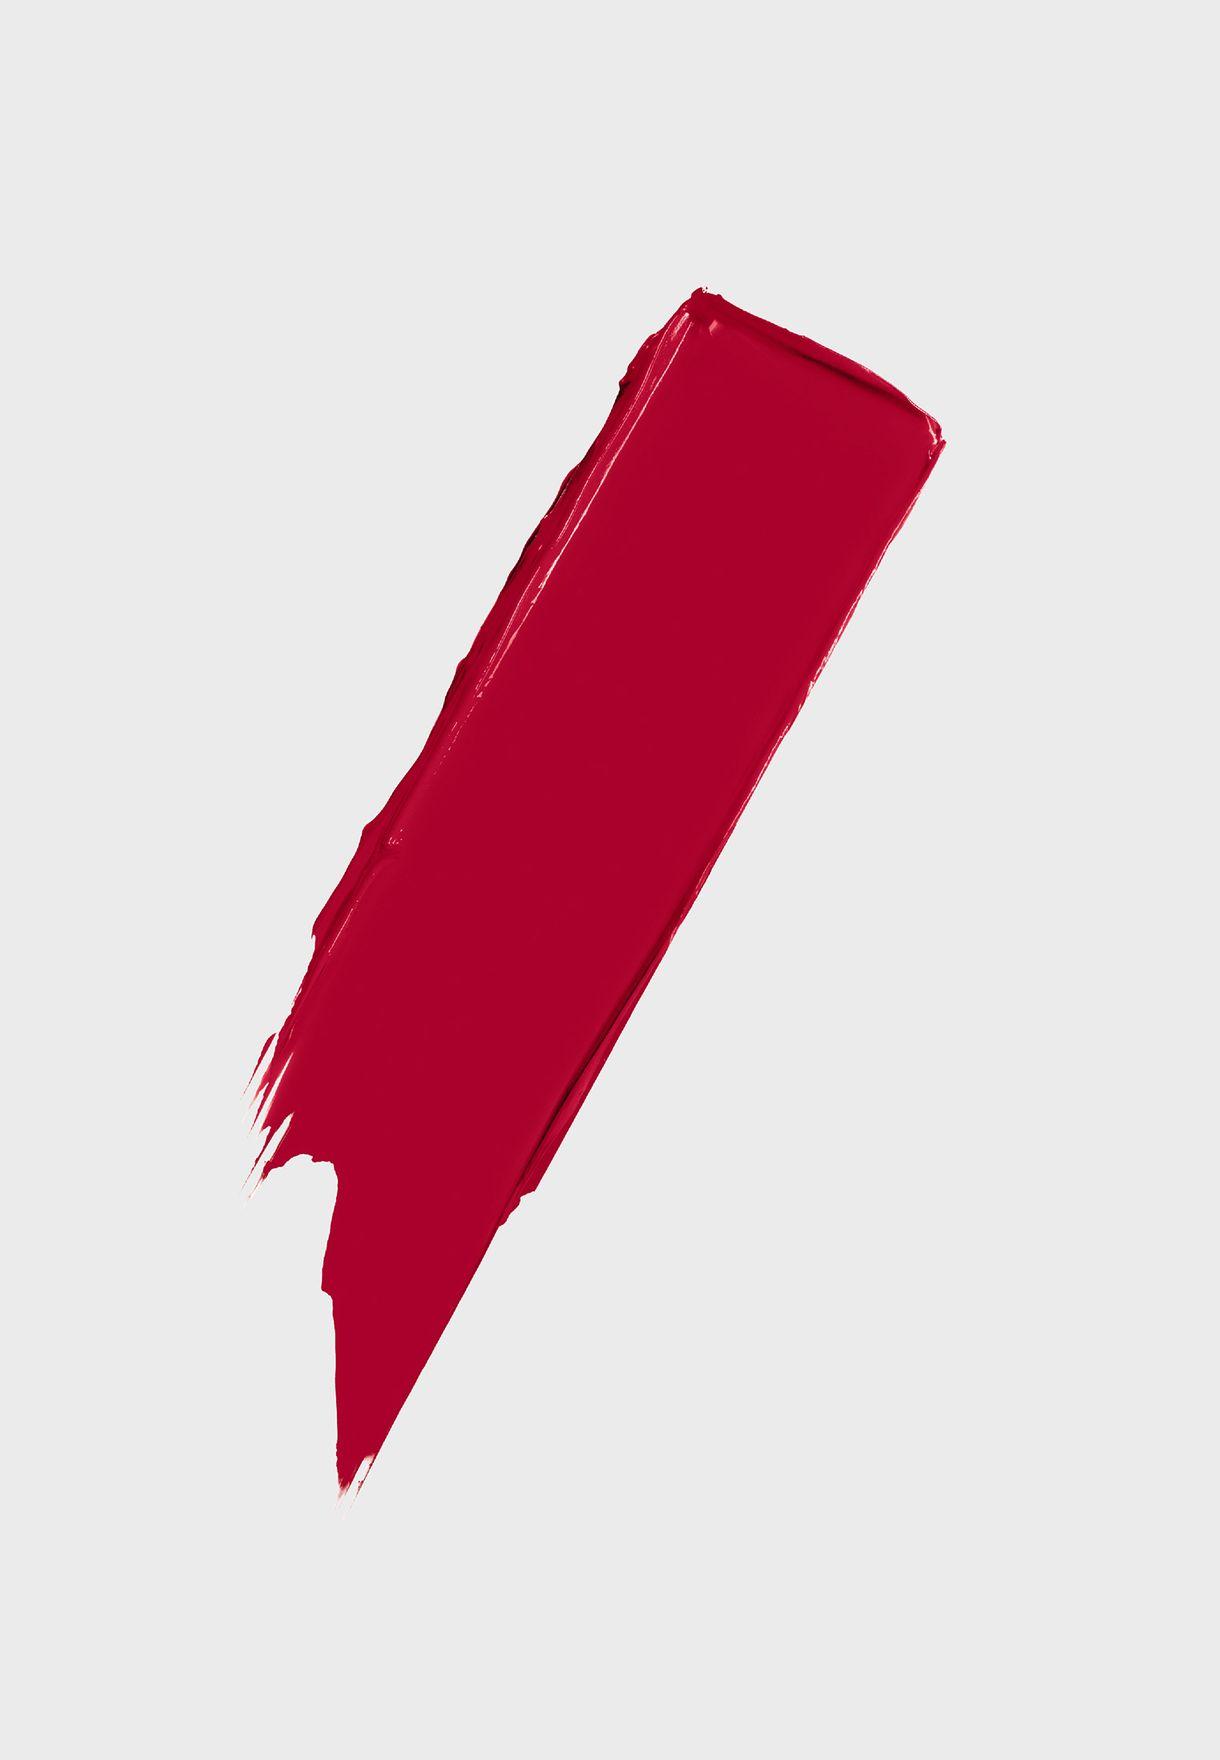 احمر شفاه ارتيست روج 404 - ارتي بيري